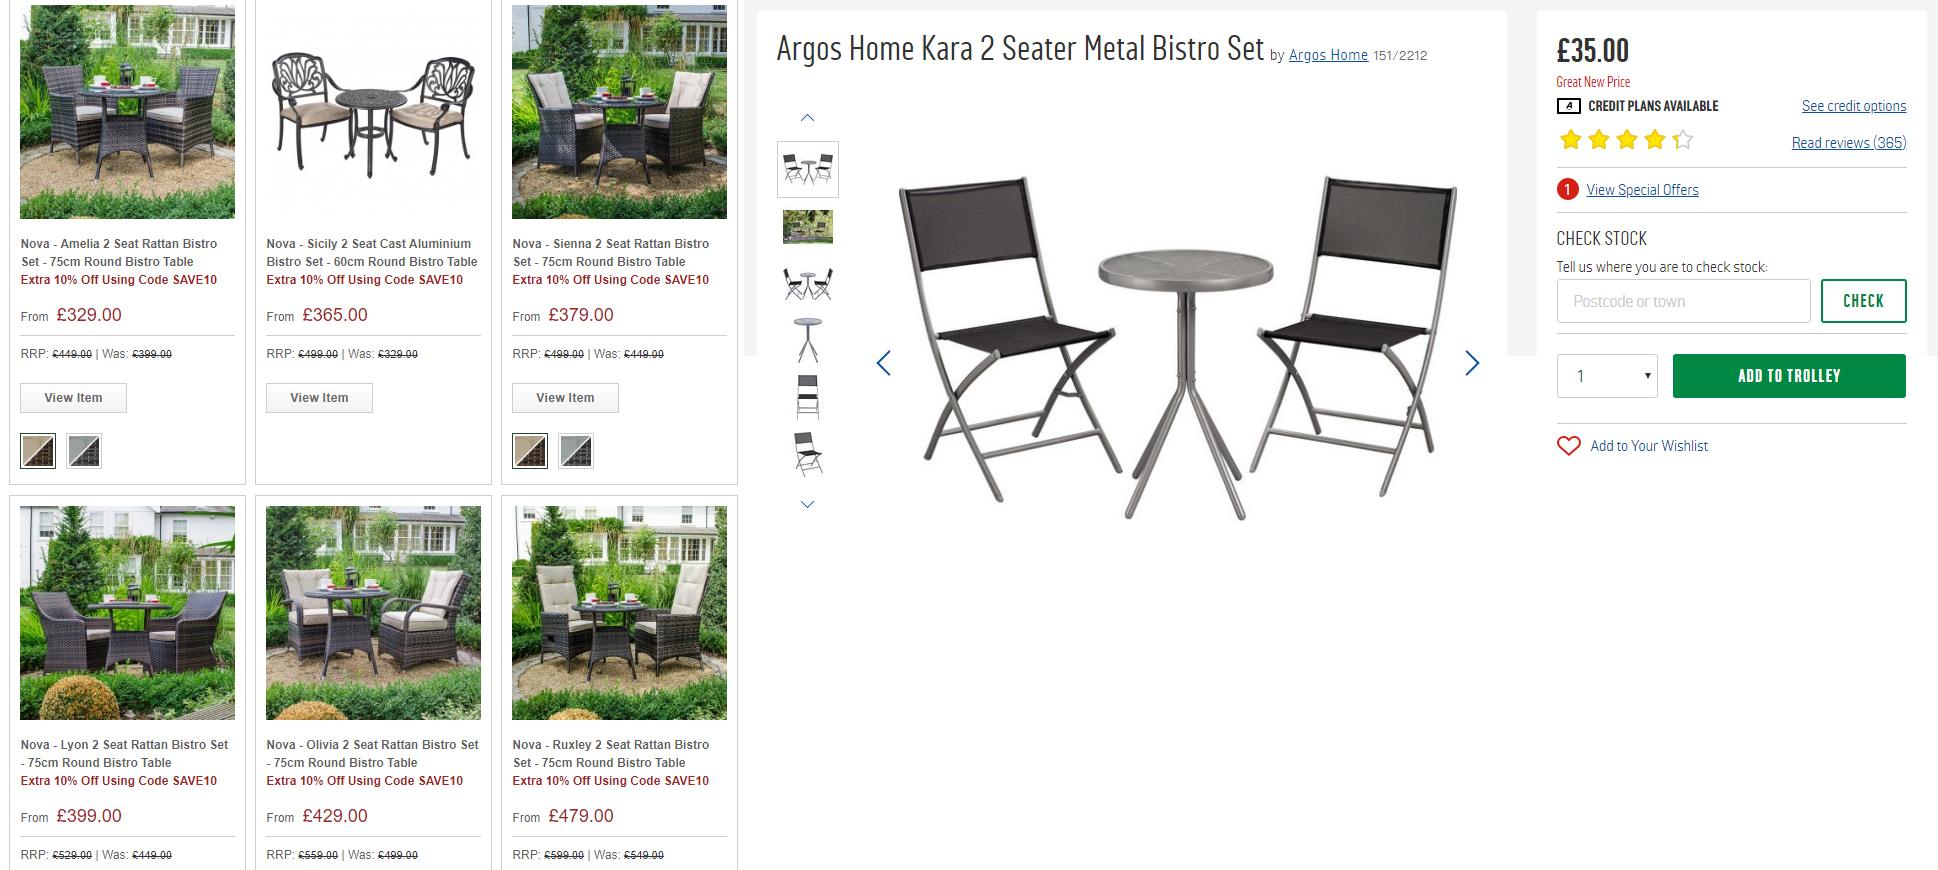 White Stores Garden Furniture Vs Argos Garden Furniture